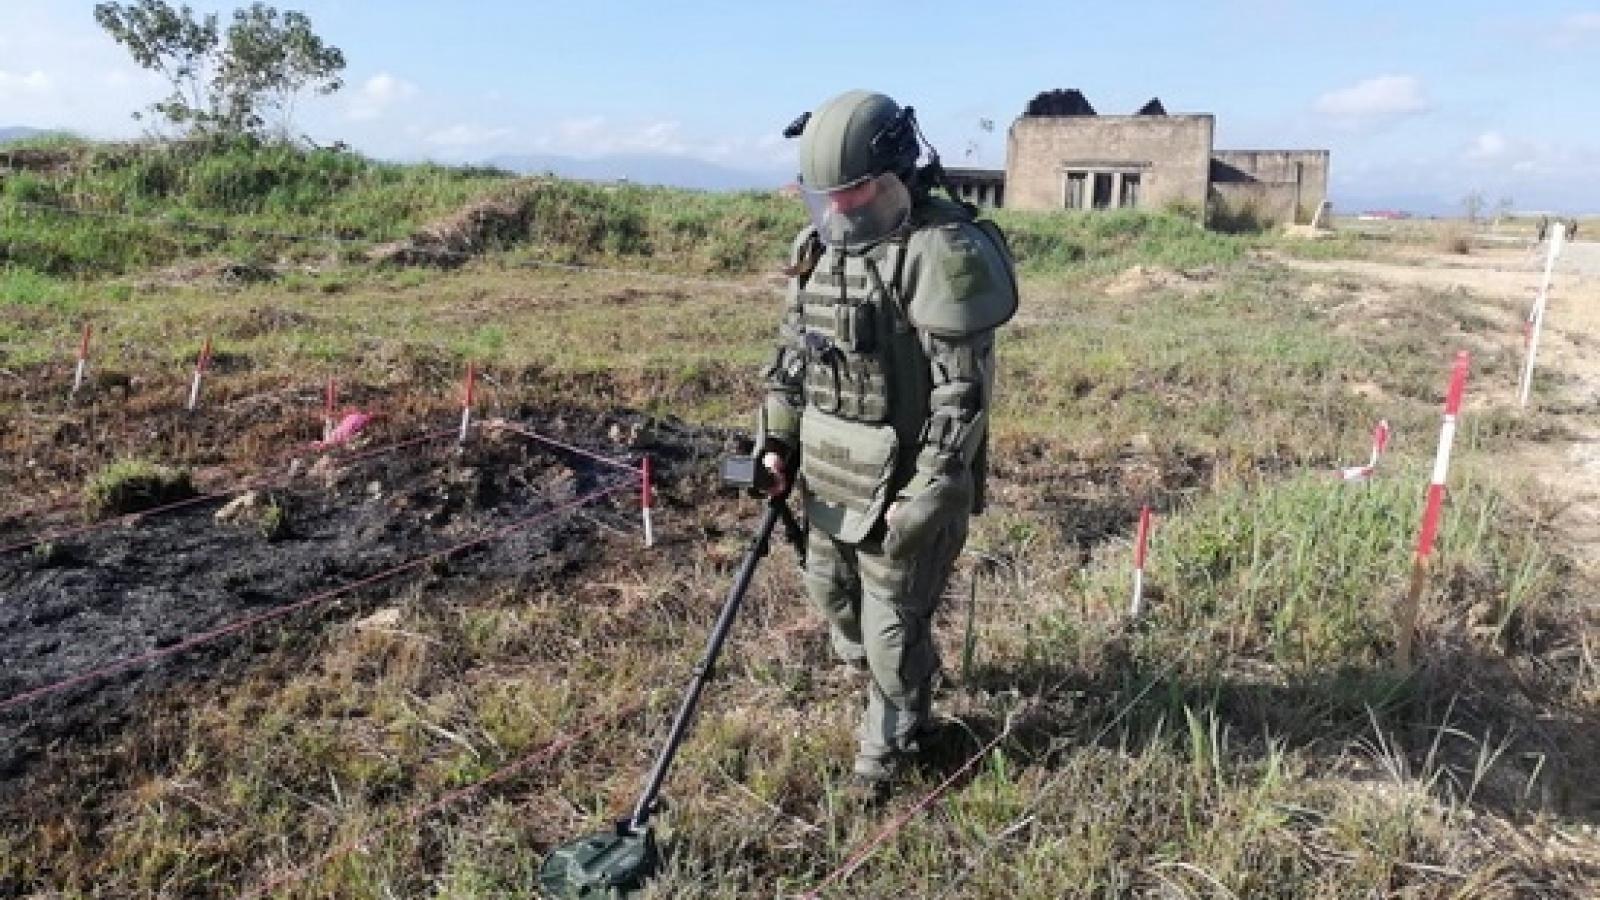 Nhật Bản giúp Lào rà phá bom mìn sót lại sau chiến tranh